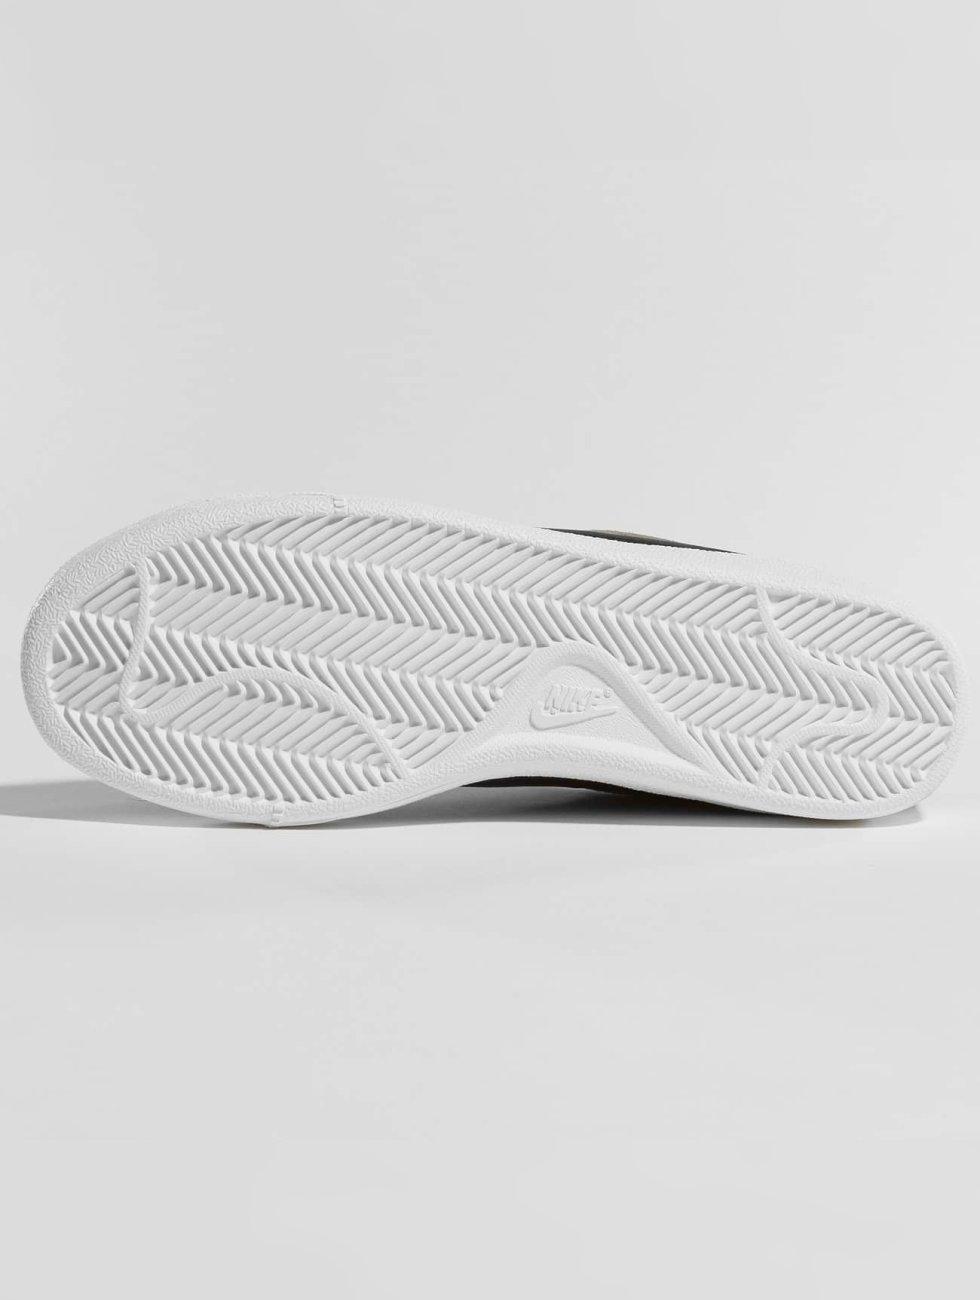 Nike Chaussures / Baskets Cour Royale En Daim Olive 422874 Livraison Gratuite En Ligne Pas Cher Vente Pas Cher Pour Pas Cher Les Dates De Sortie Pas Cher En Ligne GiWNn9m